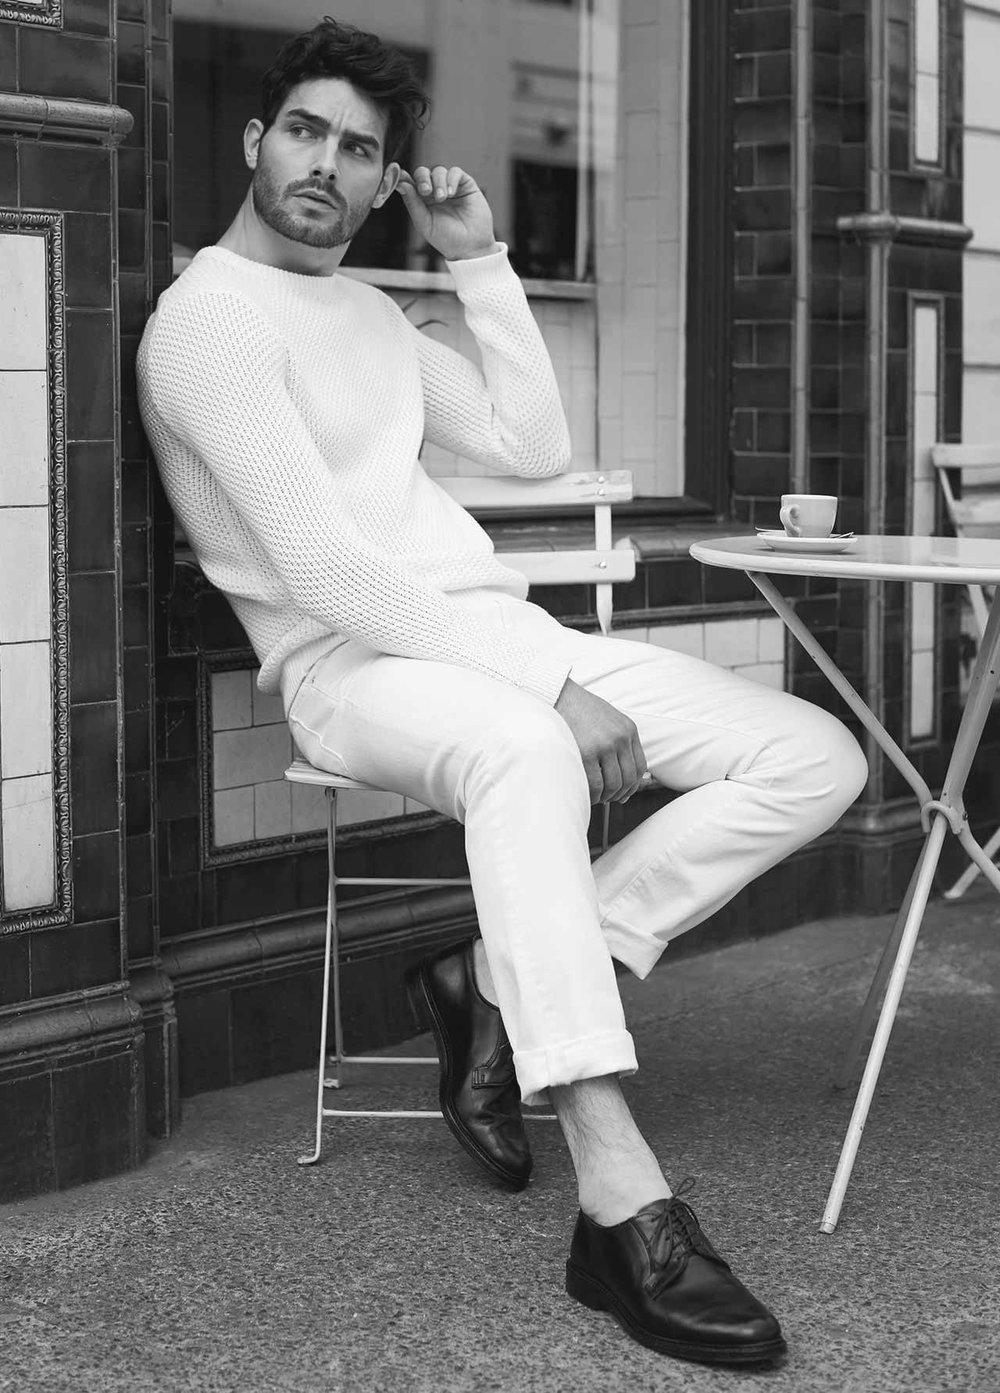 Pilot textured knitted jumper, £95